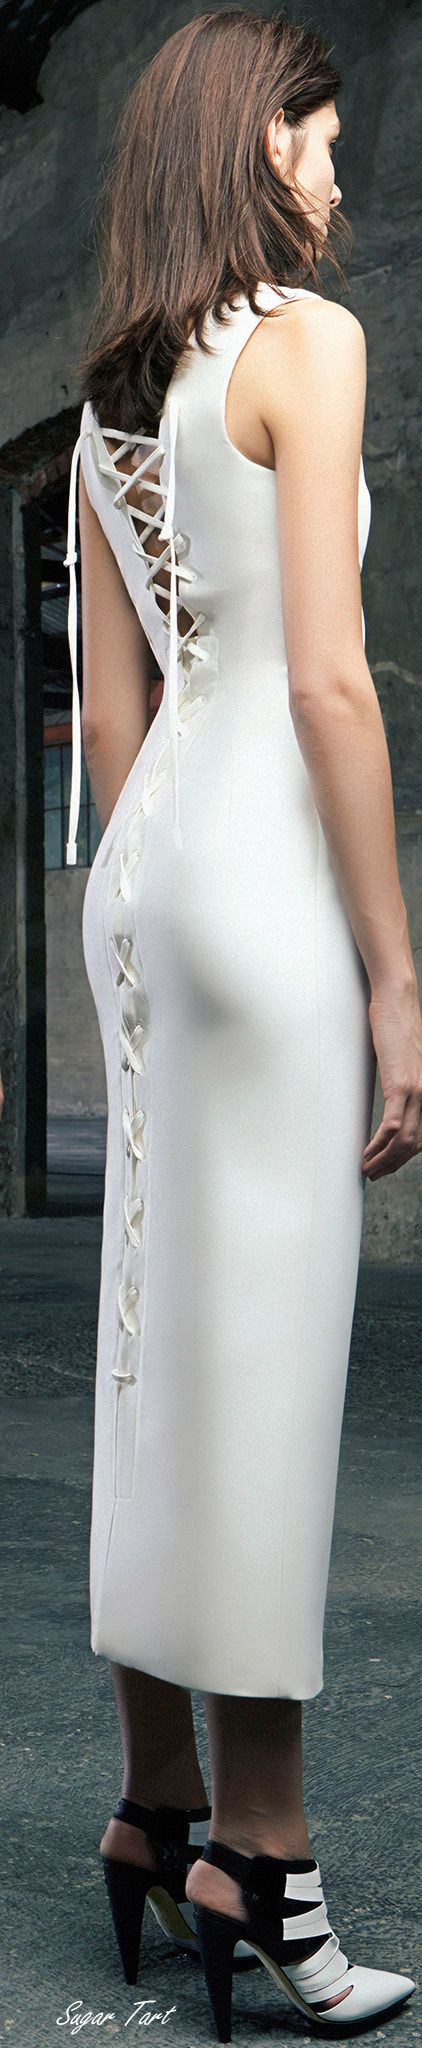 .Antonio Berardi - Resort 2015. Stunning dress! #avianti #aviantijewelry